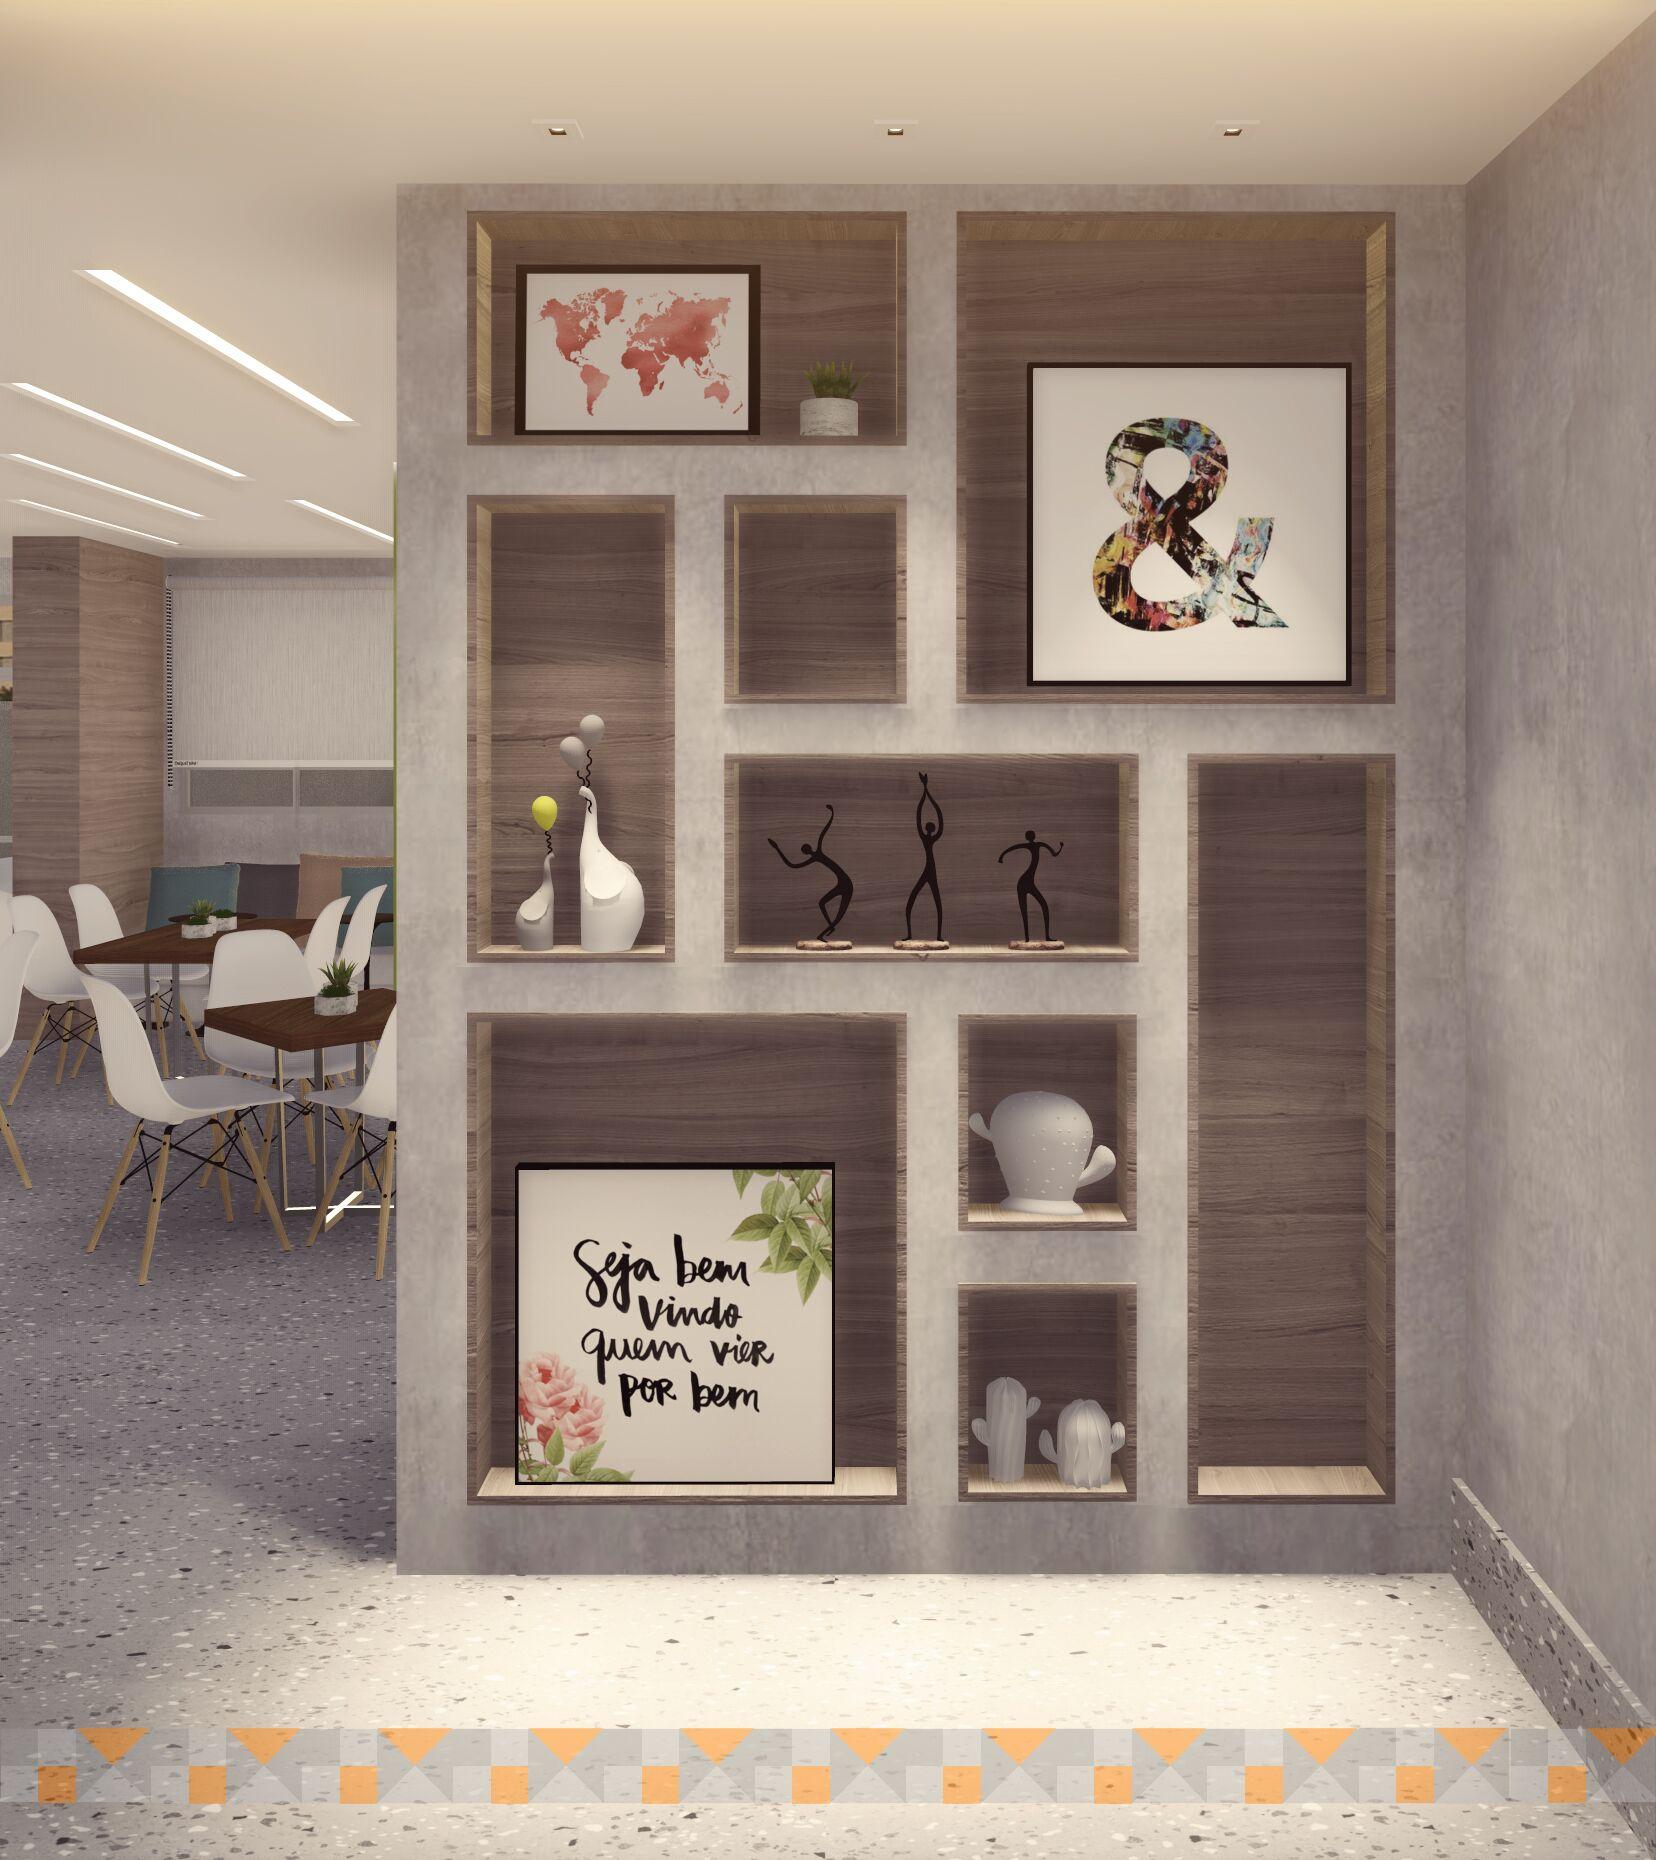 Área comum de prédio com quadros, acessórios, mesas e cadeiras.